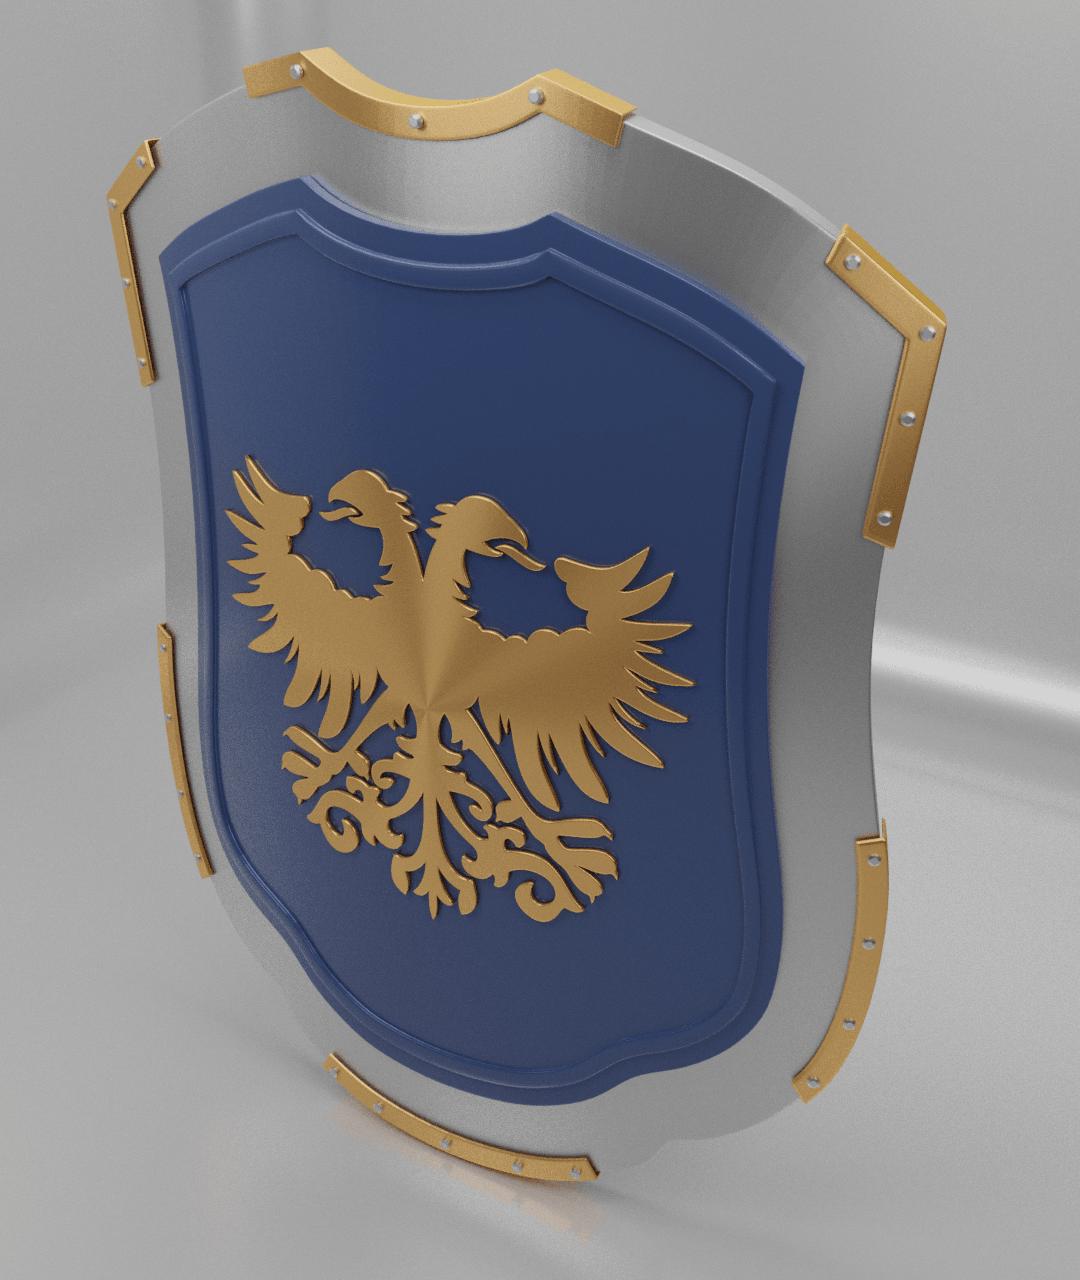 eagle shield1.png Download free 3MF file Medieval Eagle Emblem Shield 3d model • 3D print model, GuillermoMX